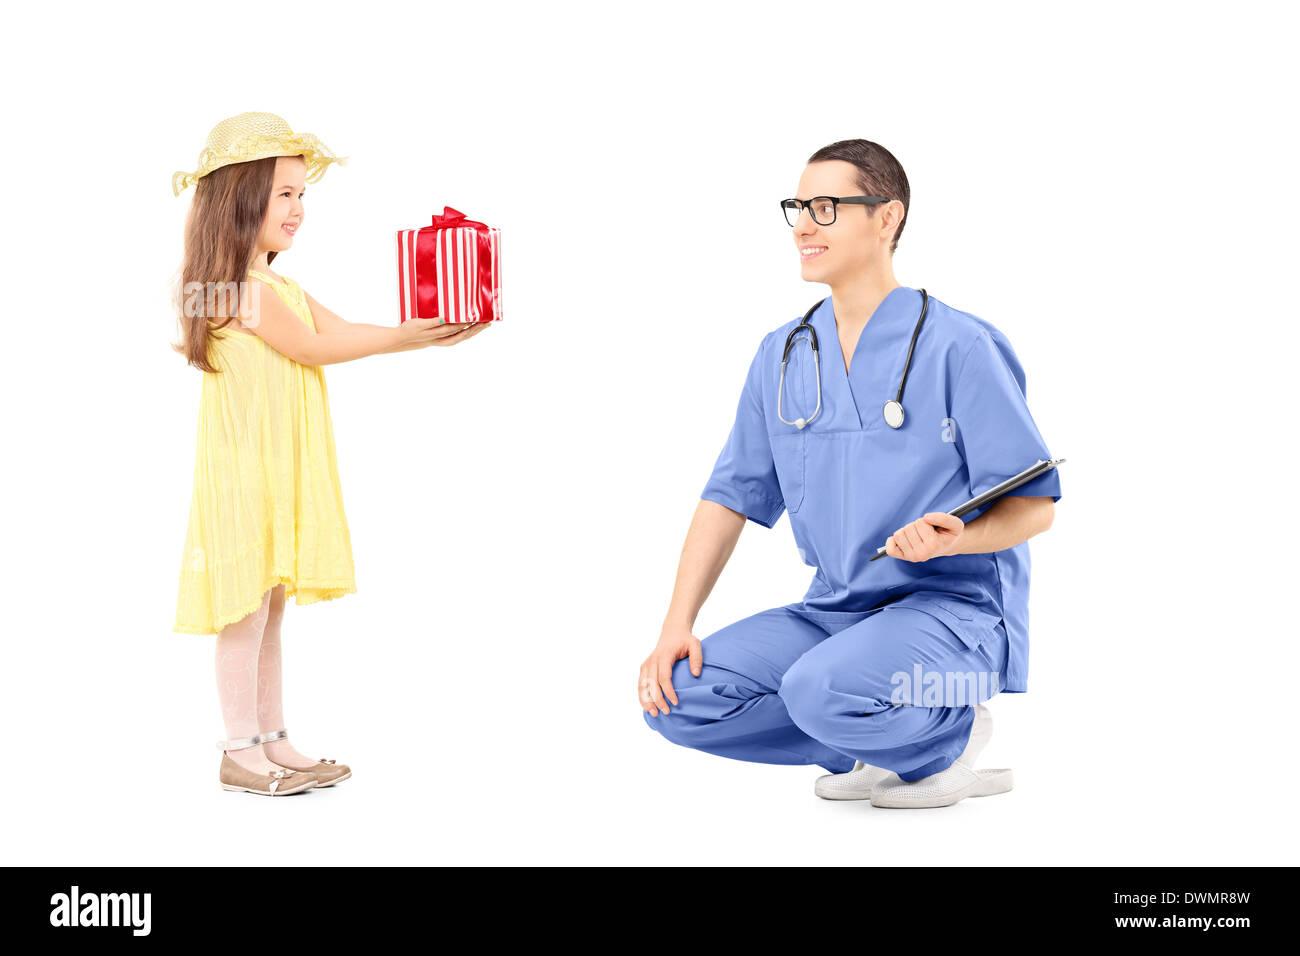 Kleine Mädchen, das ein Geschenk mit männlichen Arzt Stockfoto, Bild ...